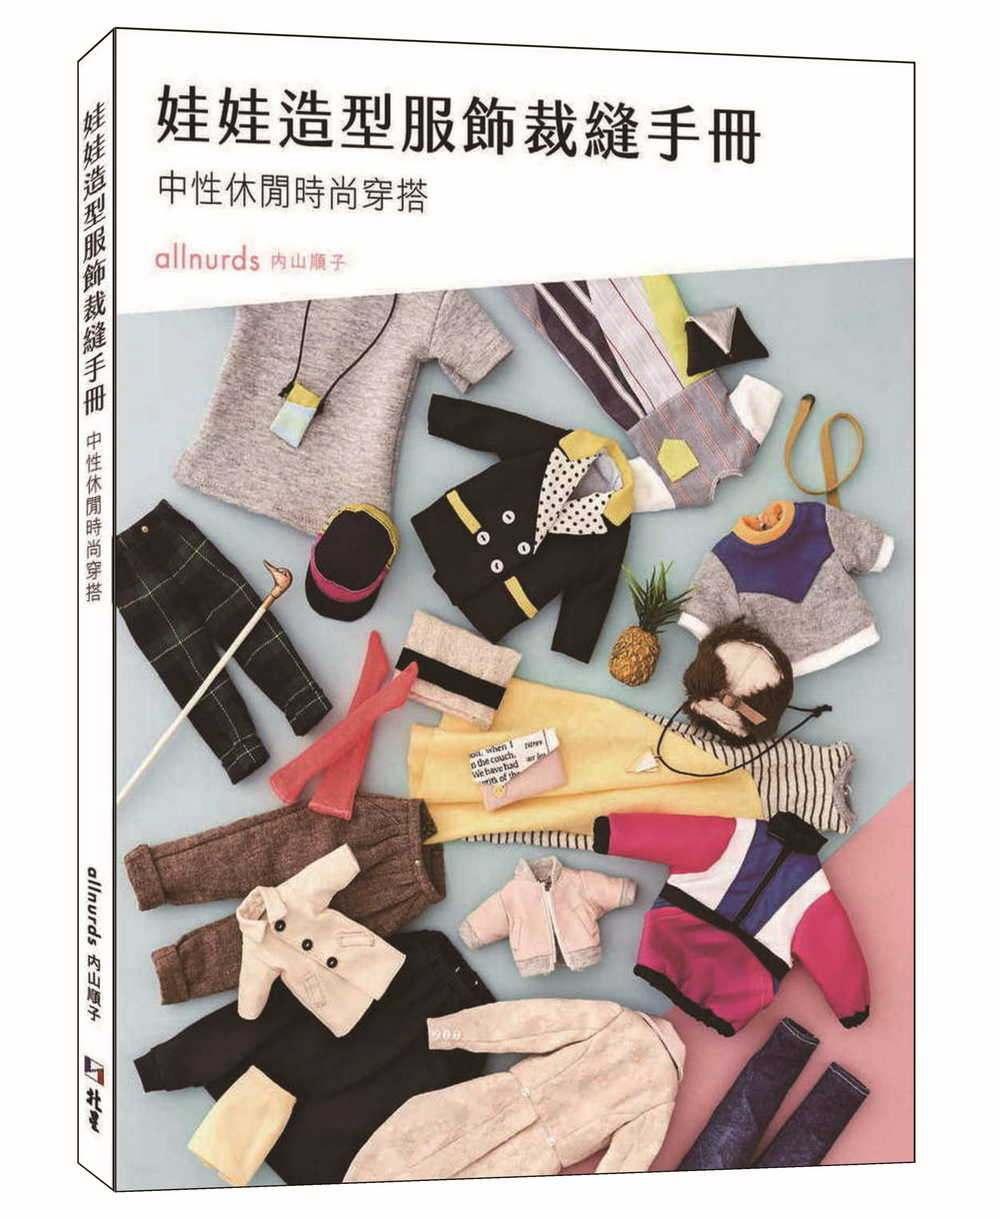 娃娃造型服飾裁縫手冊:中性休閒時尚穿搭